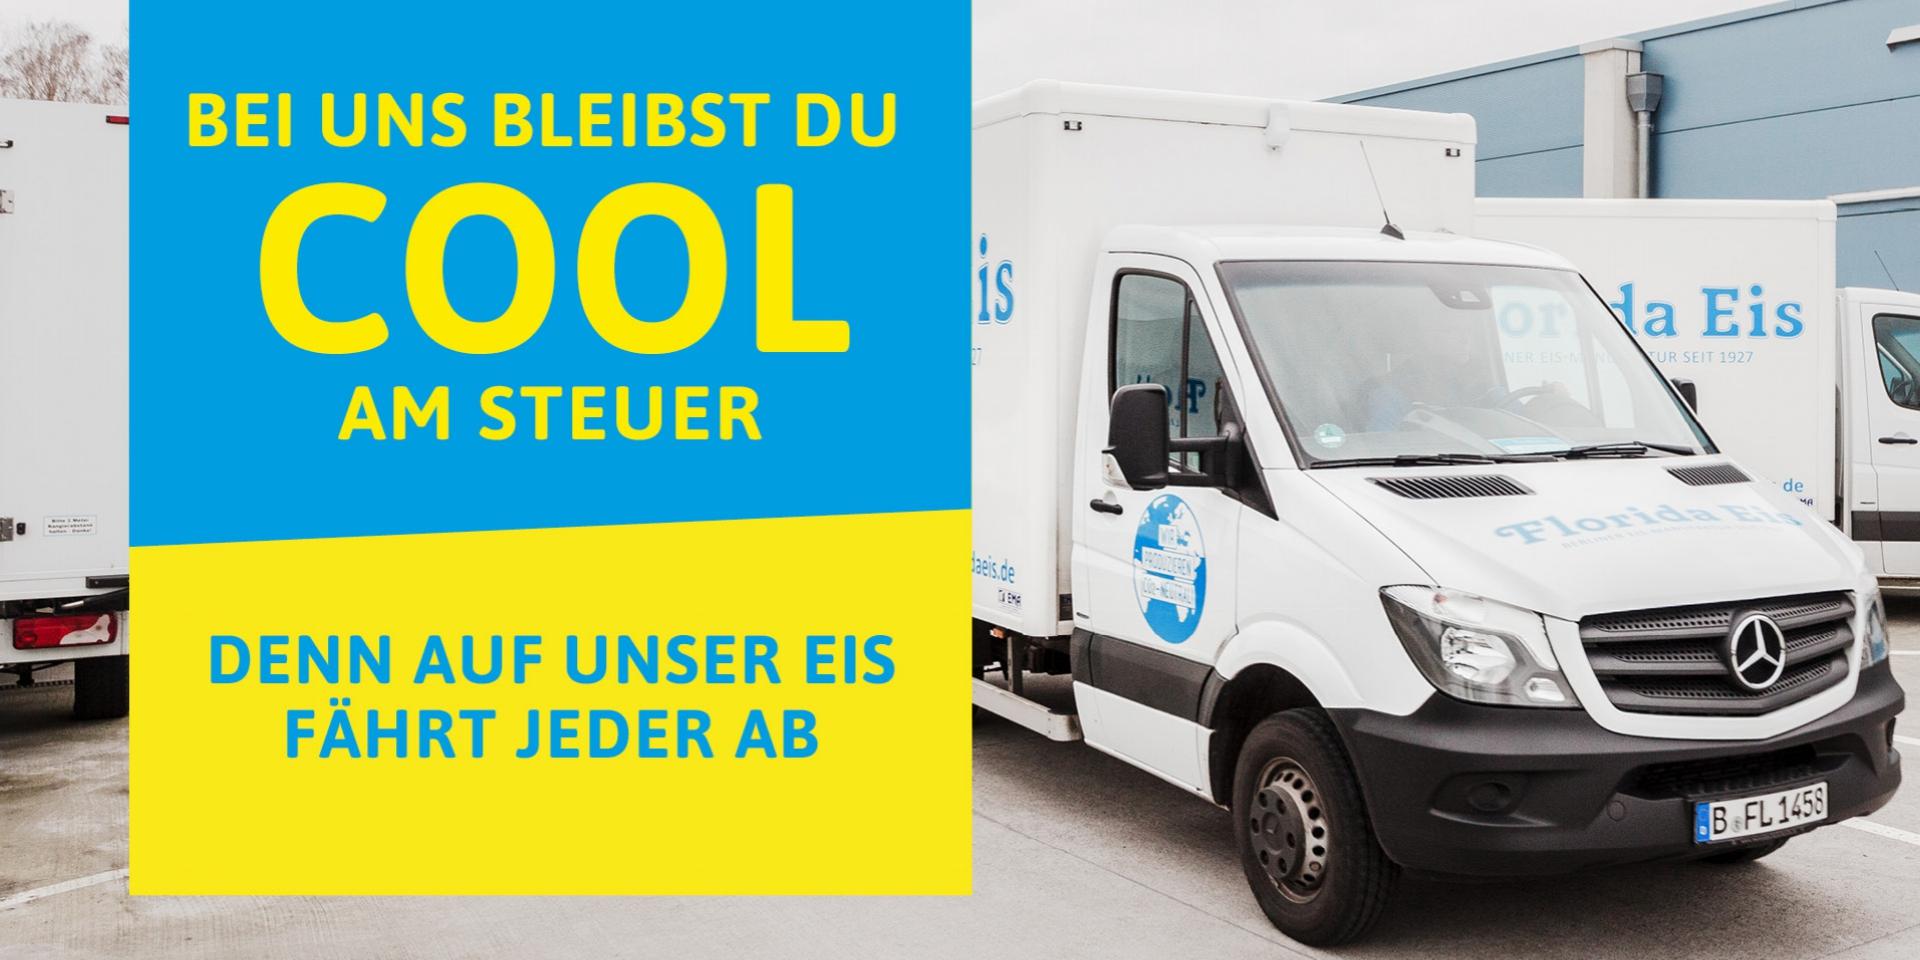 Lieferfahrer / Auslieferungsfahrer / Verkaufsfahrer (m/w/d)